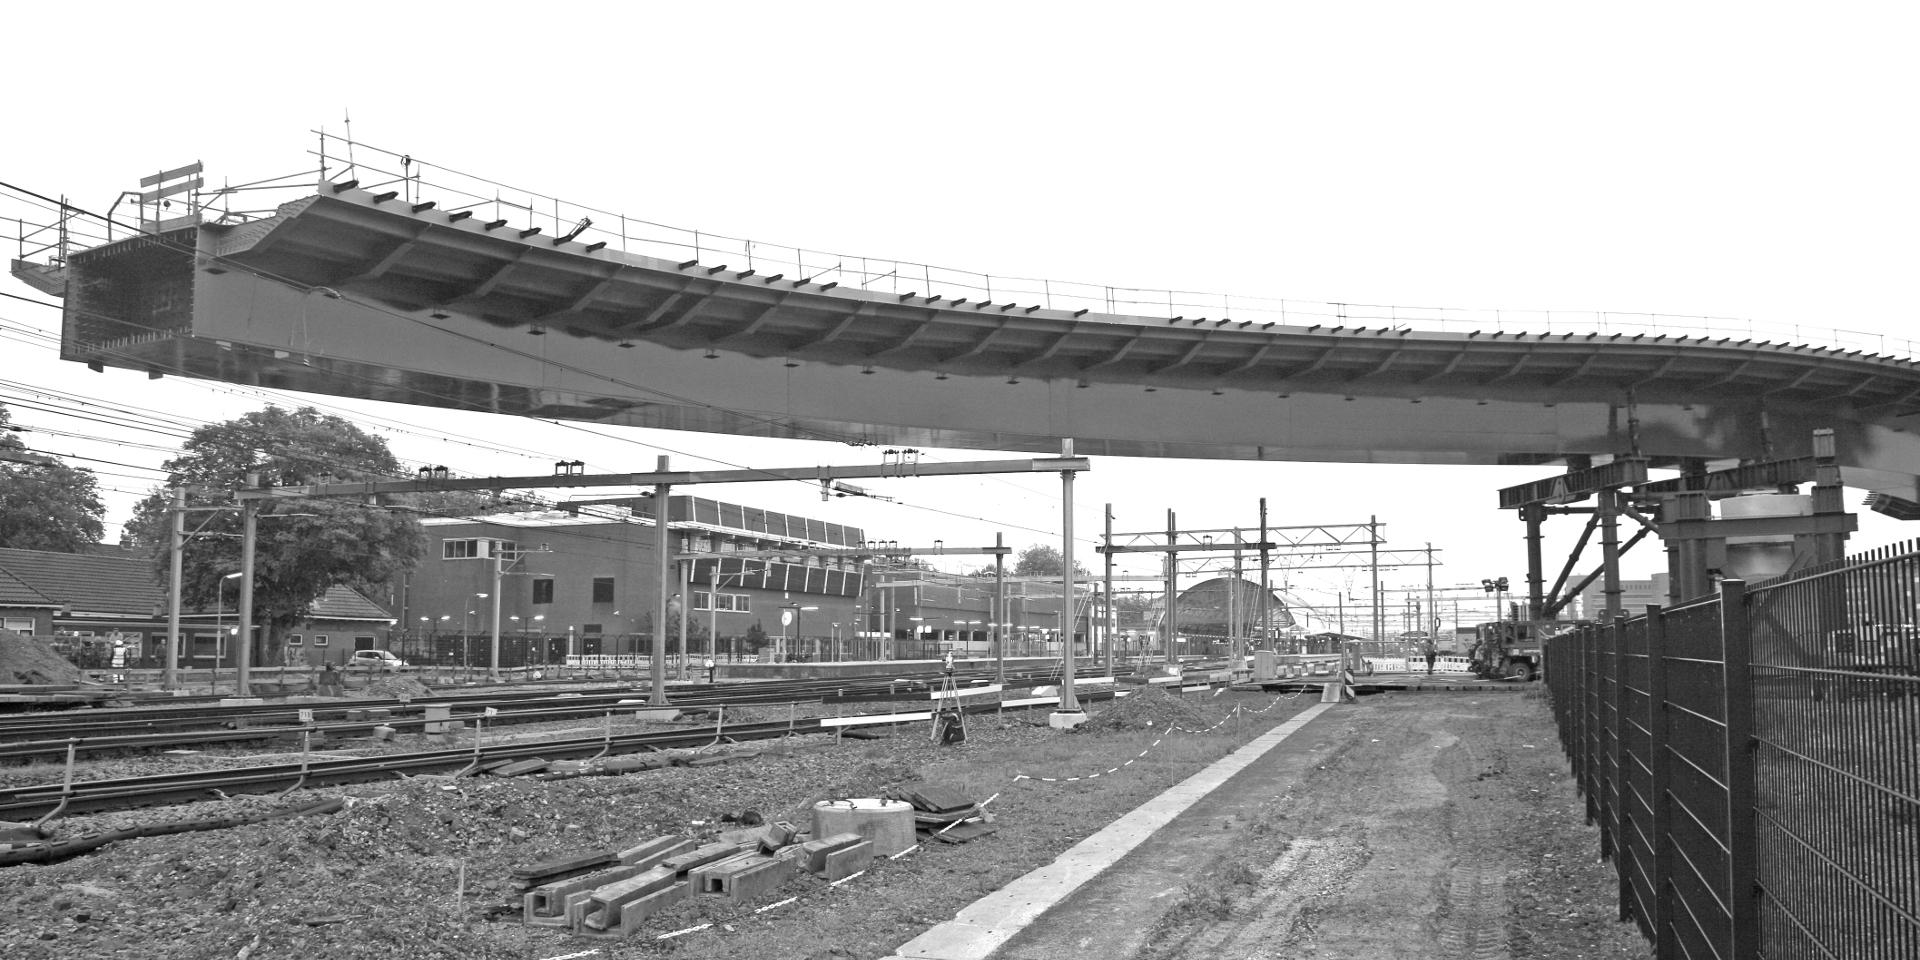 Neubau einer Straßenbrücke über den Bahnhof in Zwolle (NL) - Einfahren Phase 1